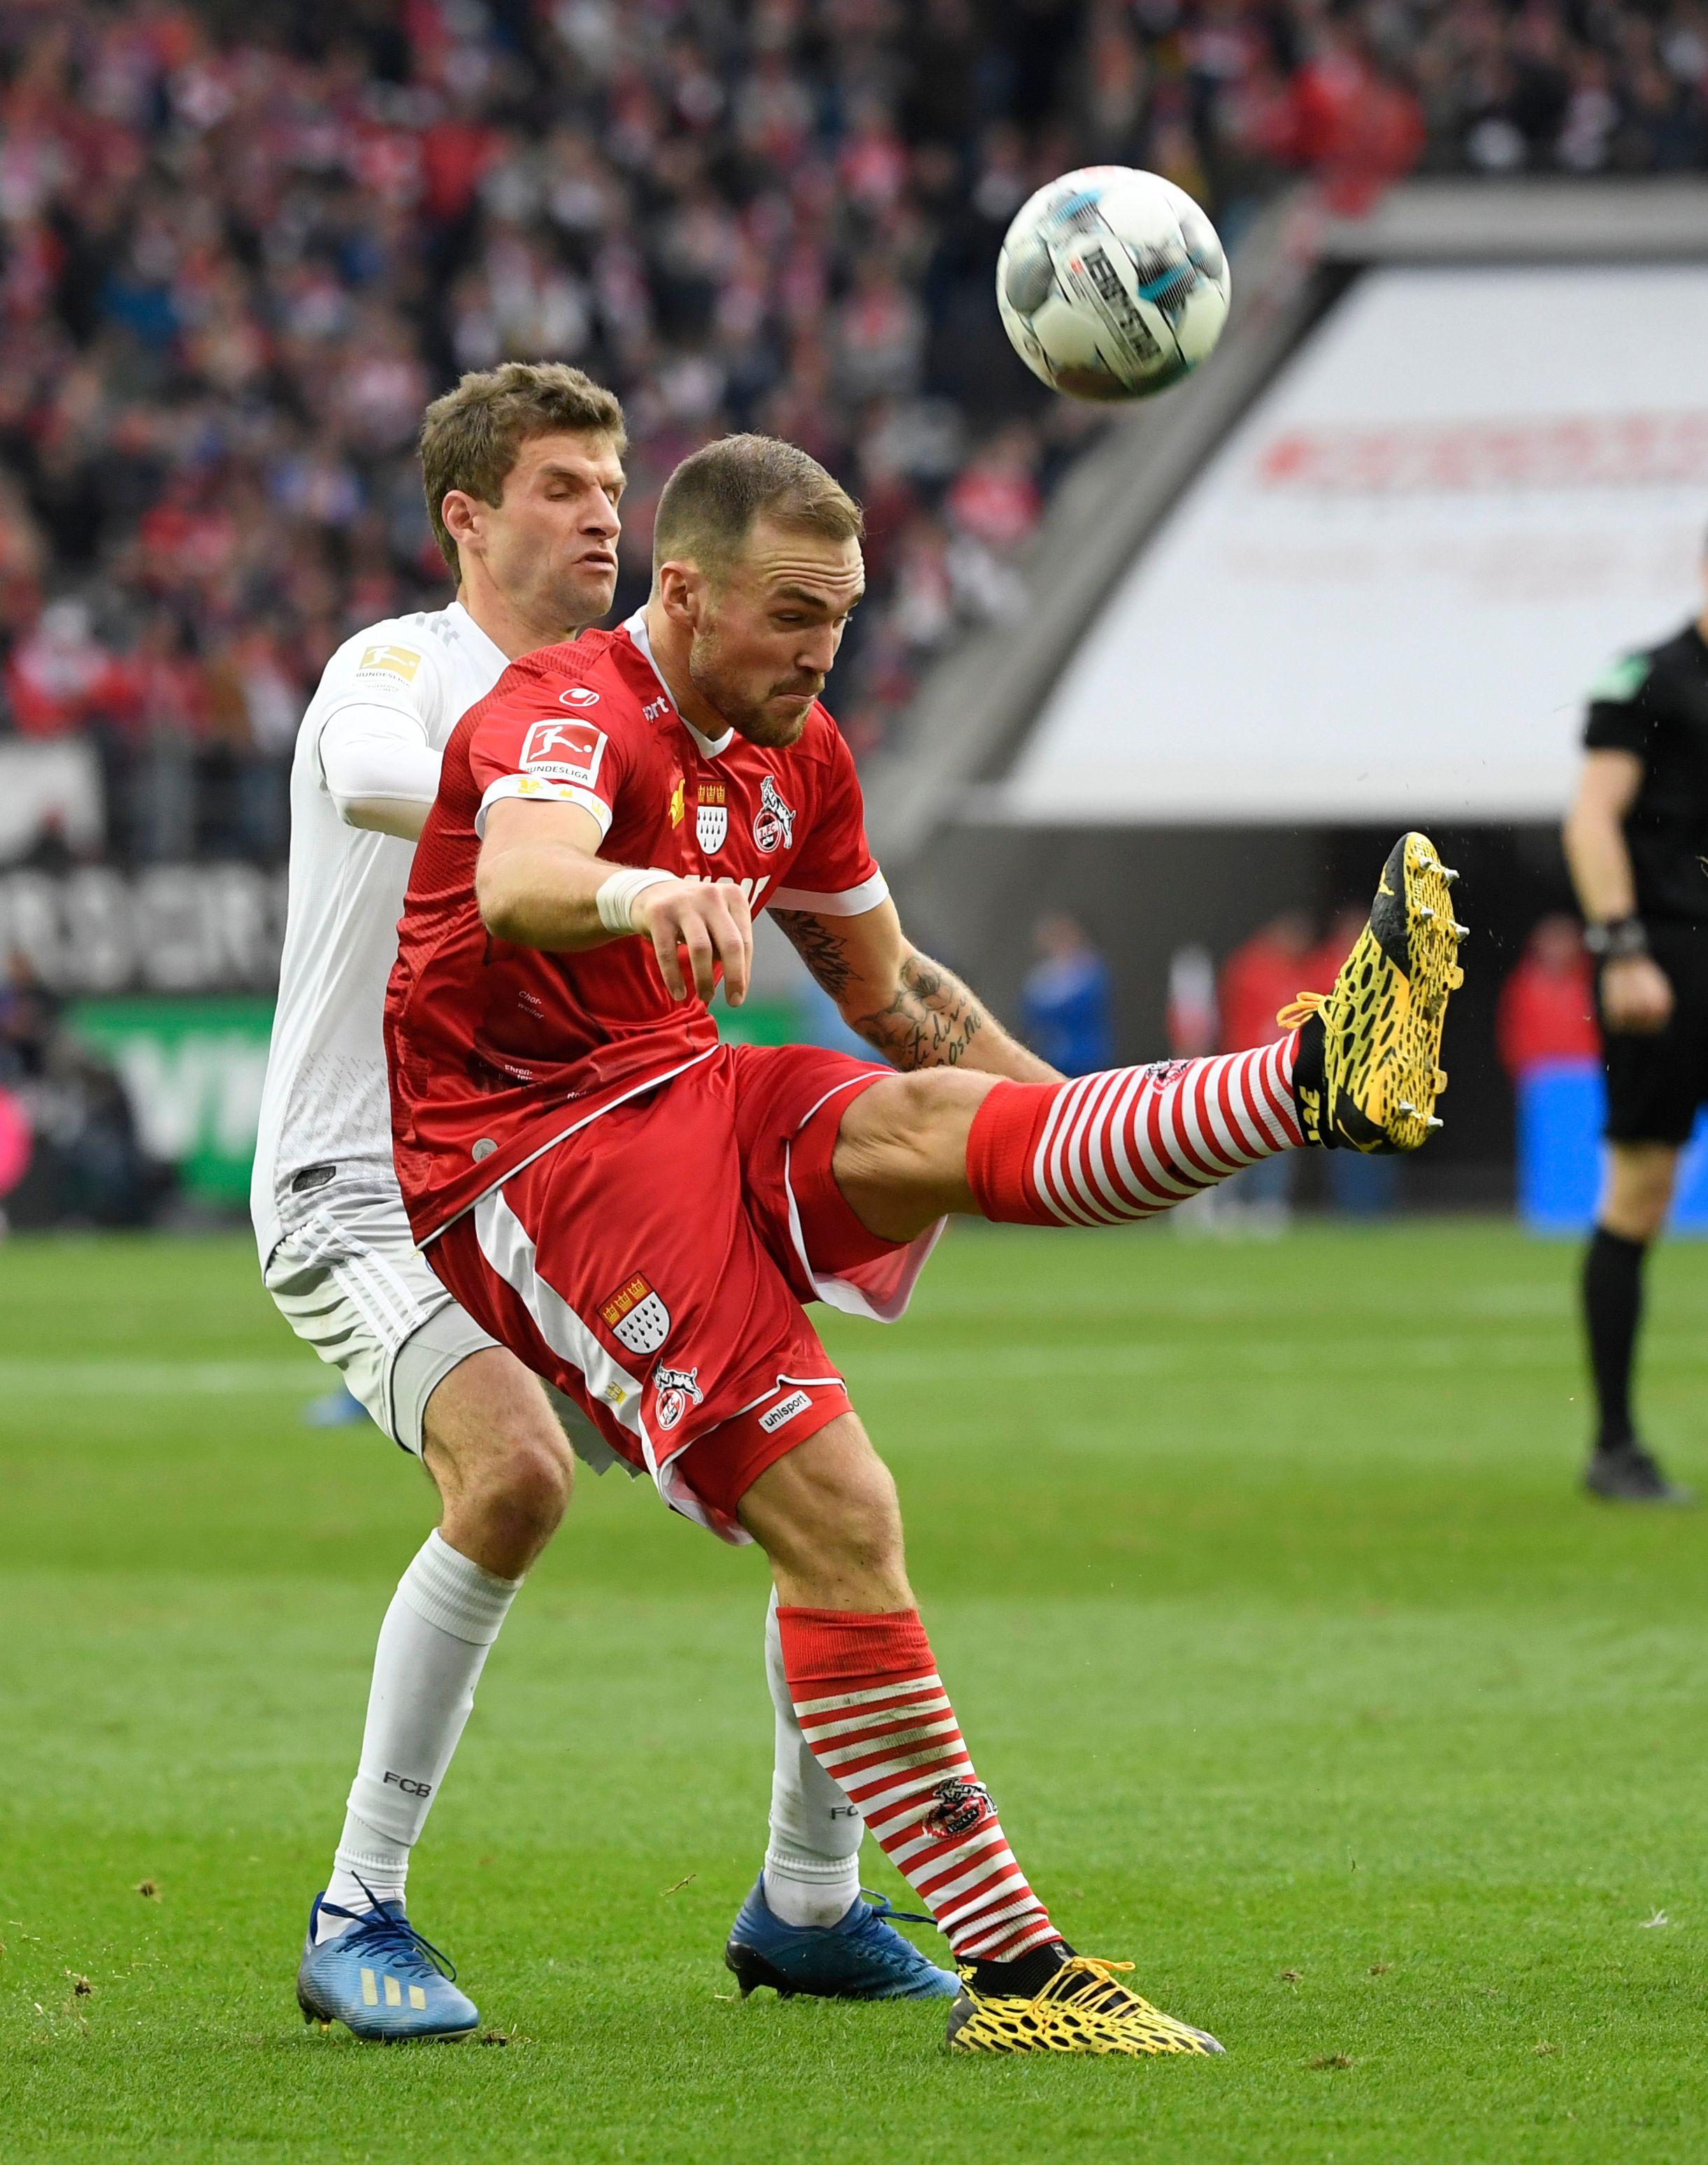 FCB gewinnt in Köln: Thomas Müller und Co. erwartete dennoch ein ganzes Stückchen Arbeit.